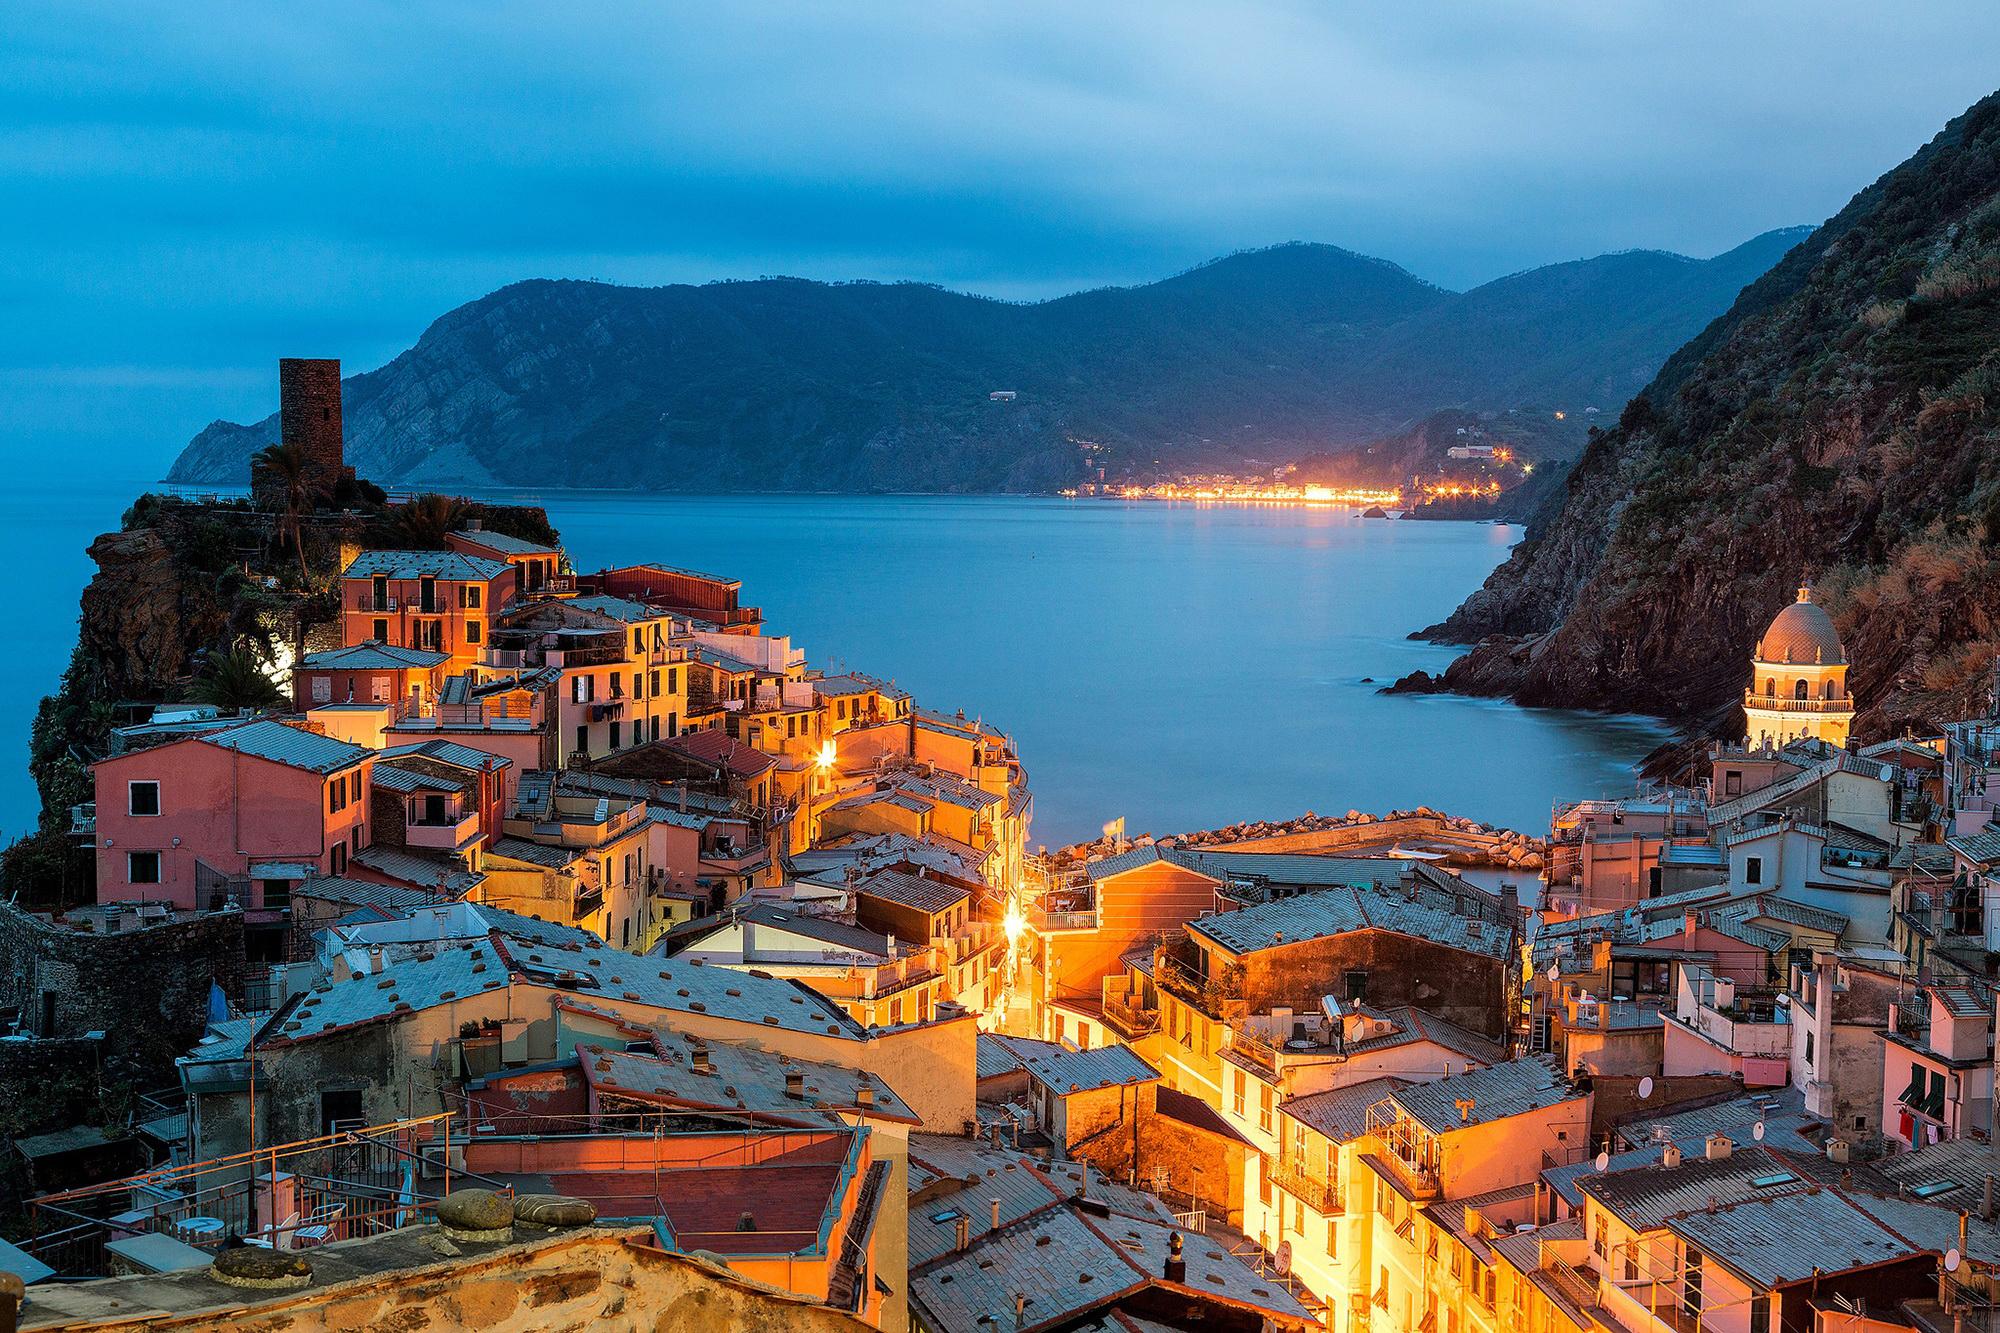 страны архитектура природа море Италия скачать